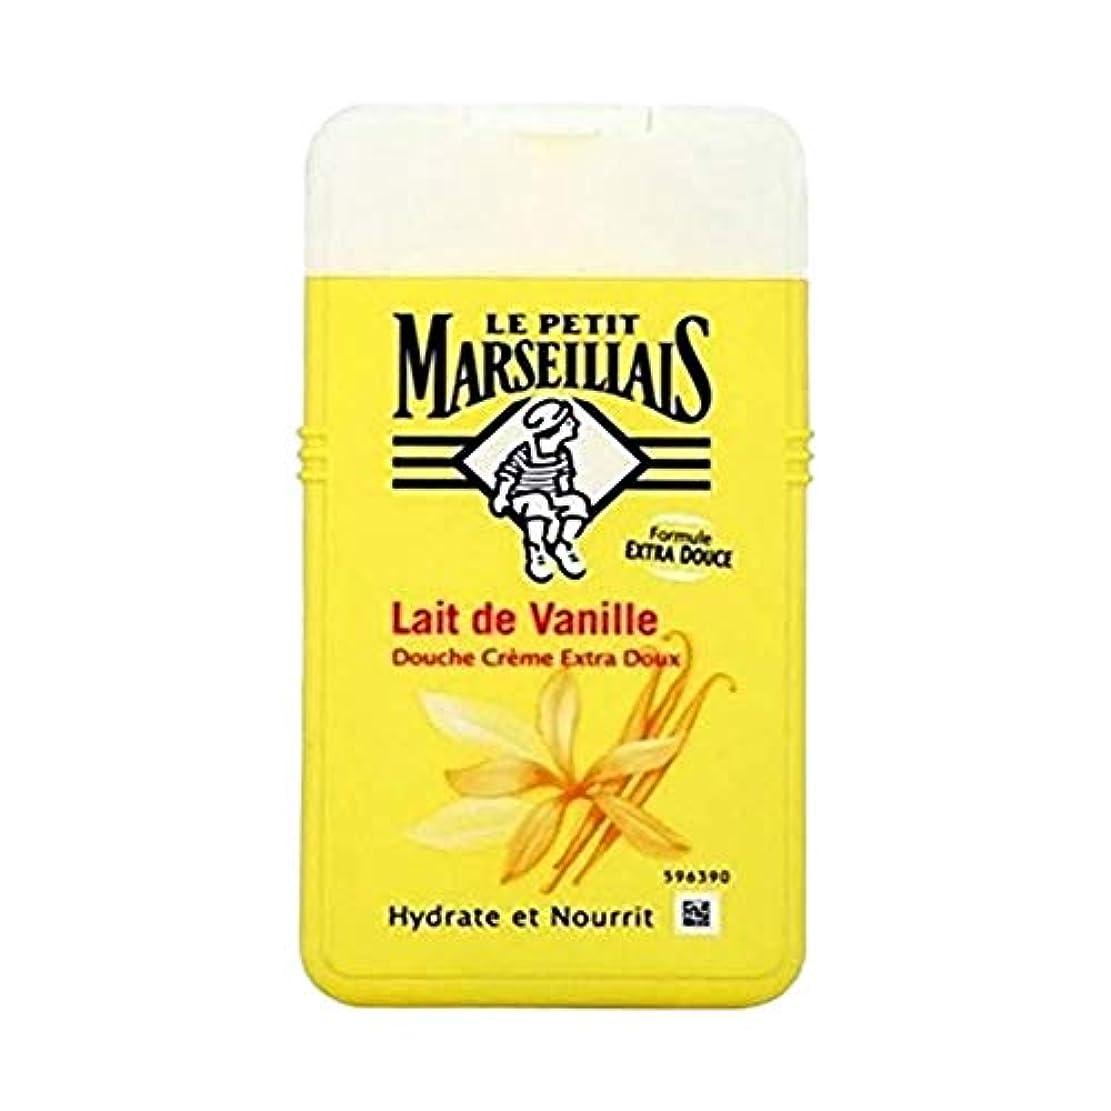 選択ドロップ教え「バニラミルク」 シャワークリーム フランスの「ル?プティ?マルセイユ (Le Petit Marseillais)」 250ml ボディウォッシュ